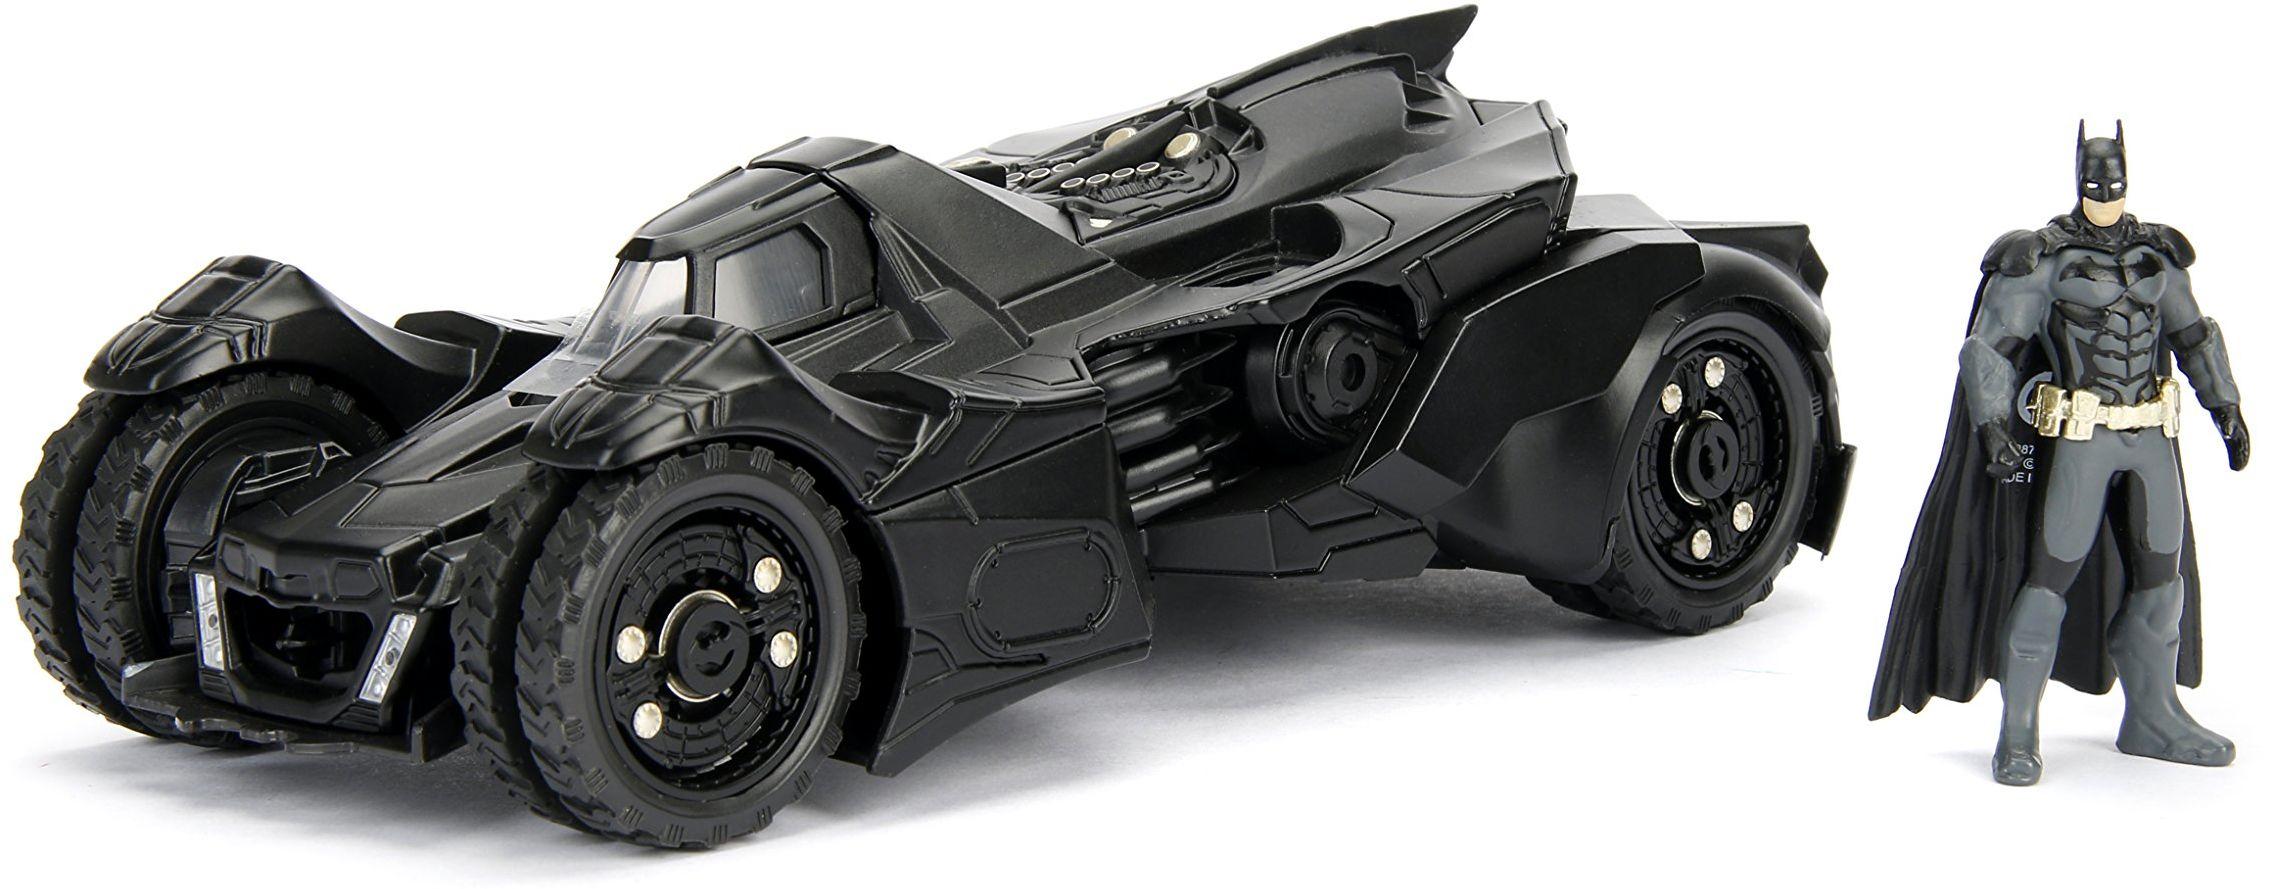 Jada Toys 253215004 Arkham Knight Batmobil, samochód, zabawkowy samochód z Die-cast, drzwi do otwierania, wraz z figurką Batmana, skala 1:24, czarny